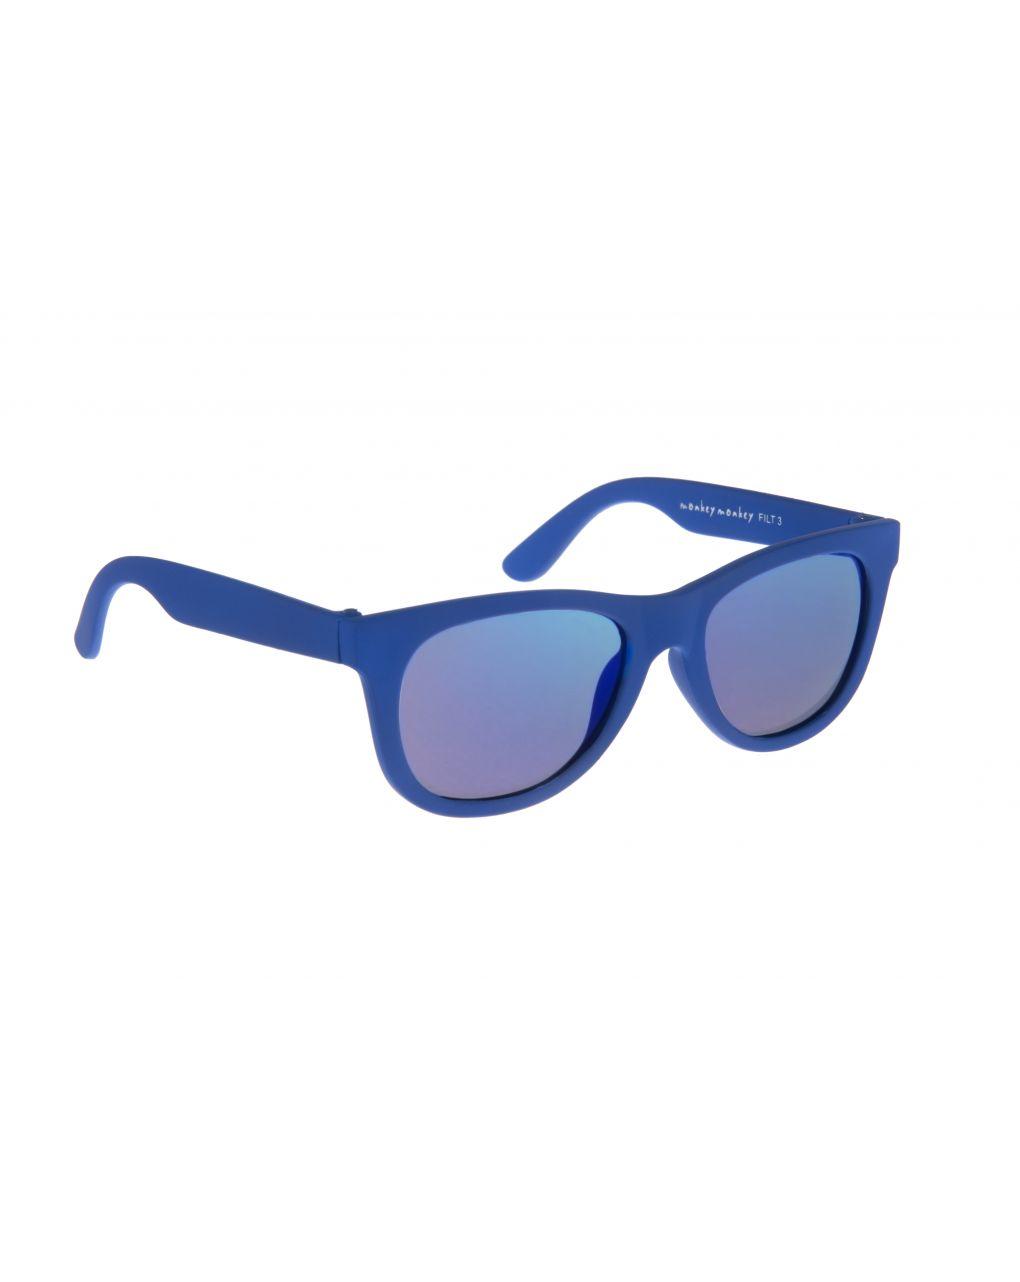 Occhiali da sole blu in gomma con lenti a specchio - Monkey Monkey